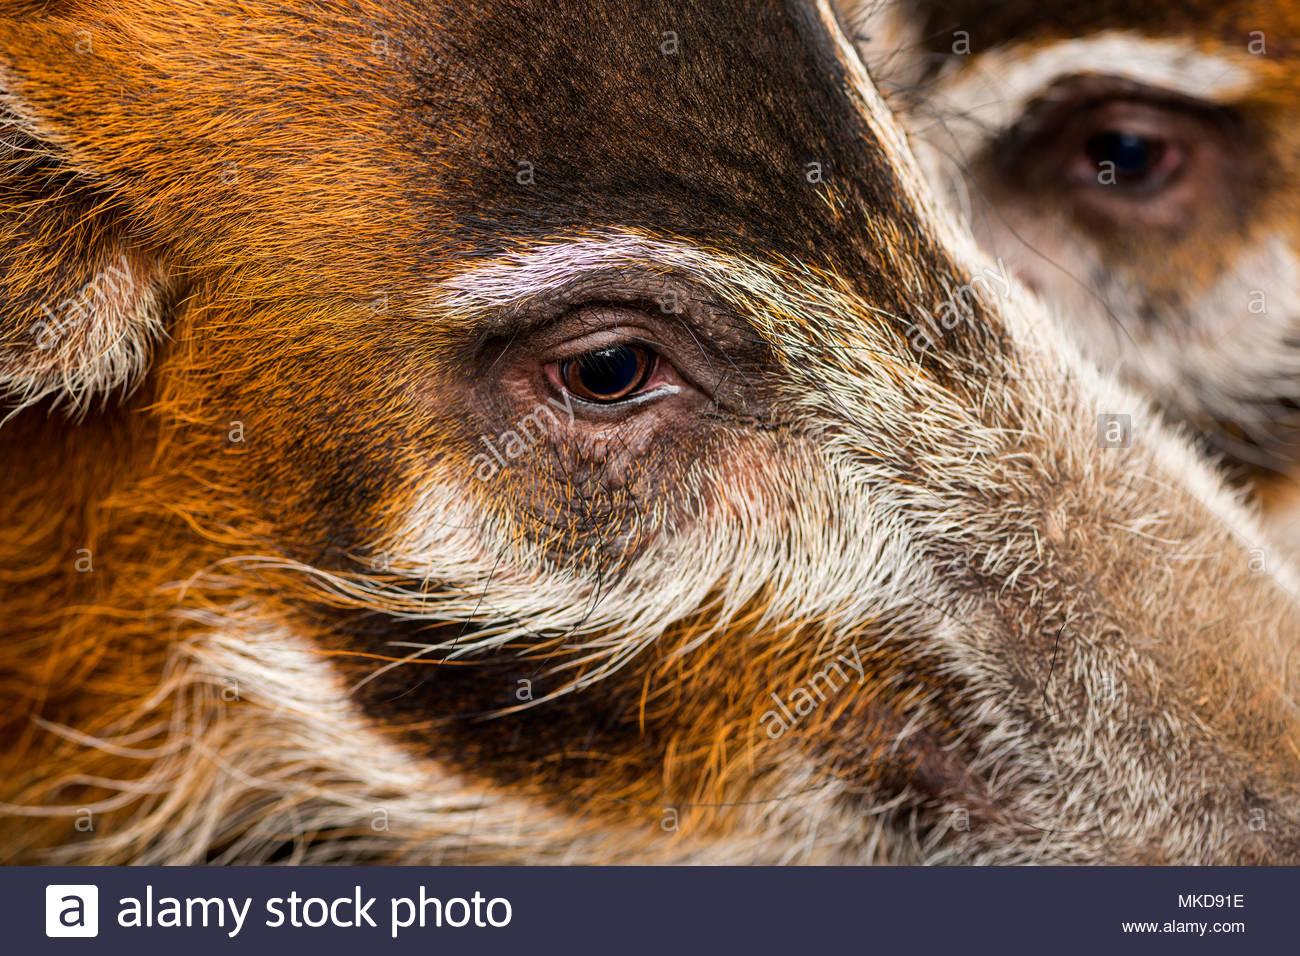 Macro of Bush pig's heads, (Potamochoerus porcus), Mulhouse Zoological and Botanical Park, France - Stock Image